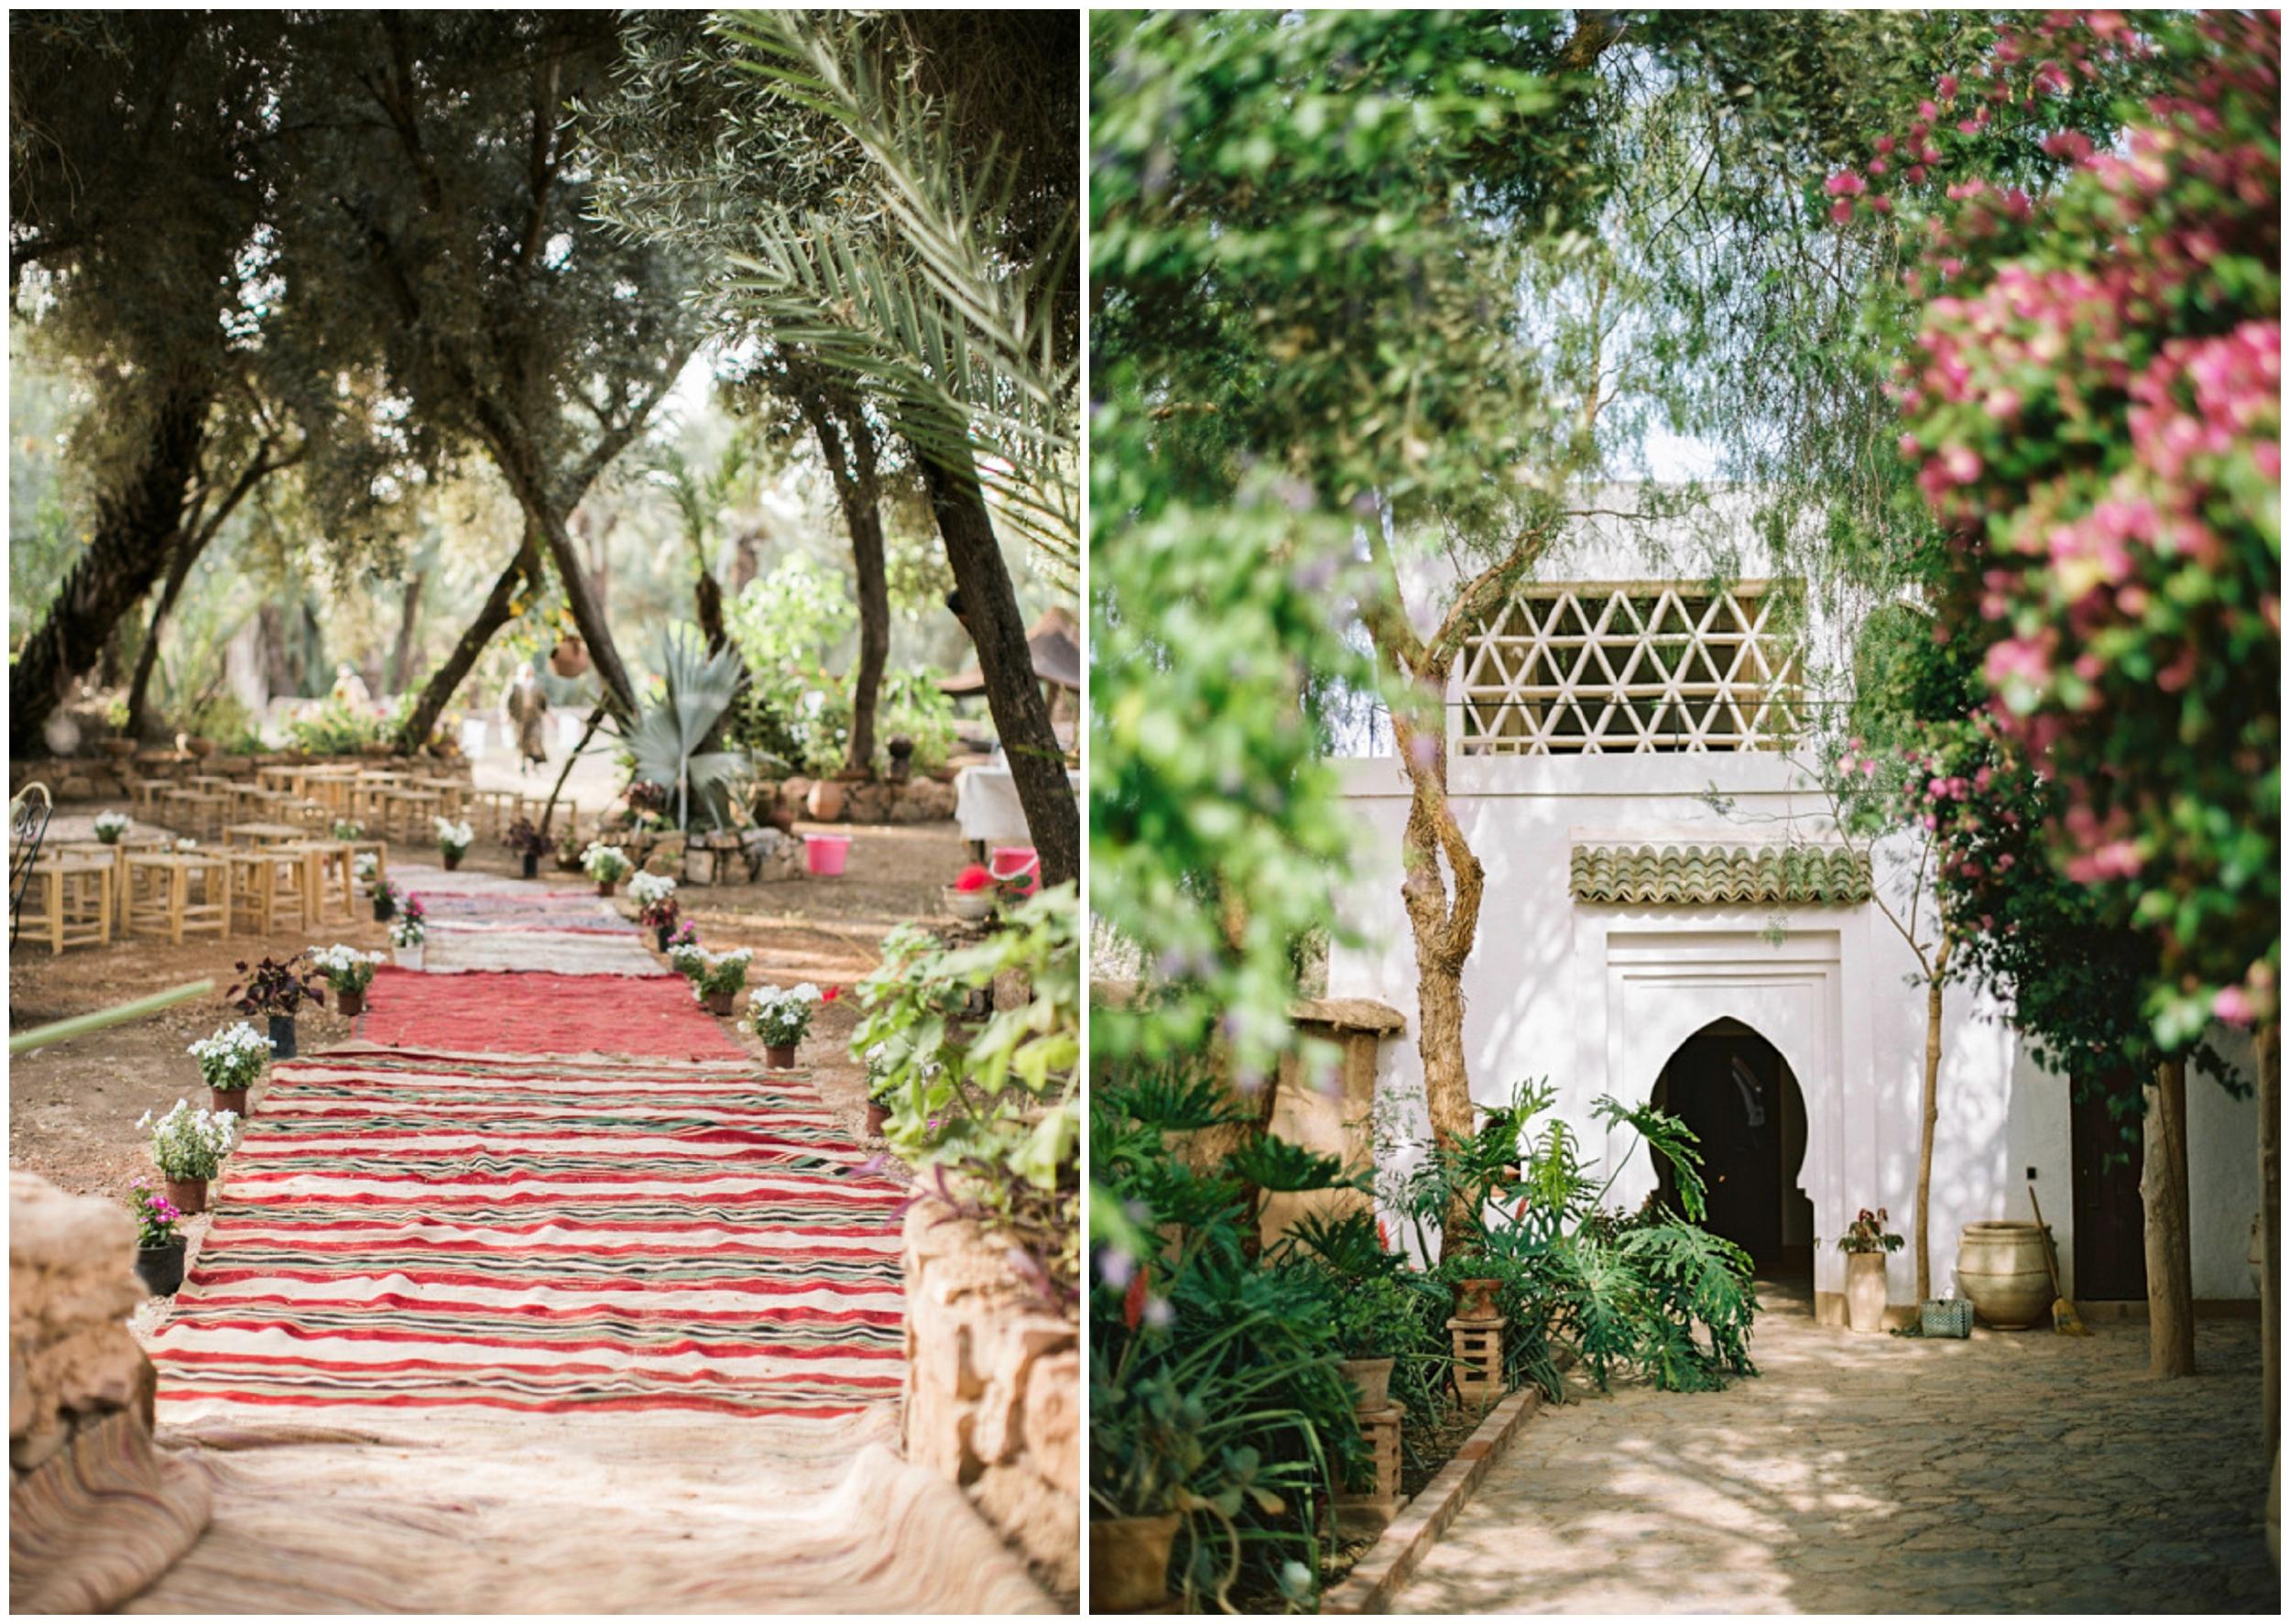 mariarao+wedding+photographer+cascais_0384.jpg